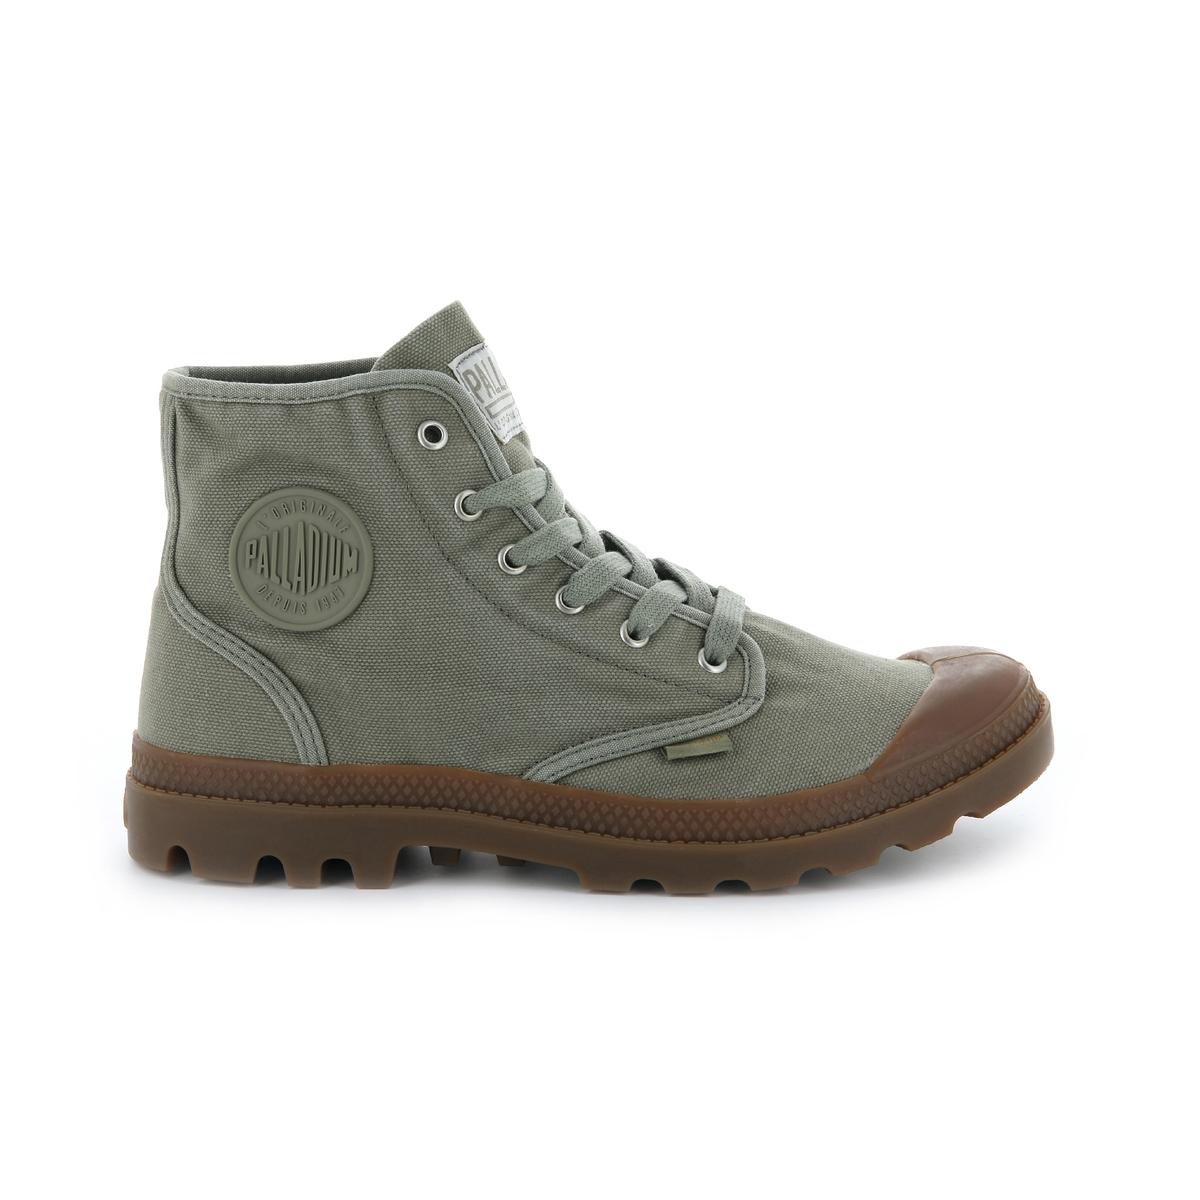 Кеды высокие Us Pampa HighОписание:Детали •  Кеды высокие •  Спортивный стиль •  Плоский каблук •  Высота каблука : 2,5 см •  Застежка : шнуровка •  Гладкая отделкаСостав и уход •  Верх 100% текстиль •  Подкладка 100% хлопок •  Стелька 100% хлопок •  Подошва 100% каучук<br><br>Цвет: зеленый хаки